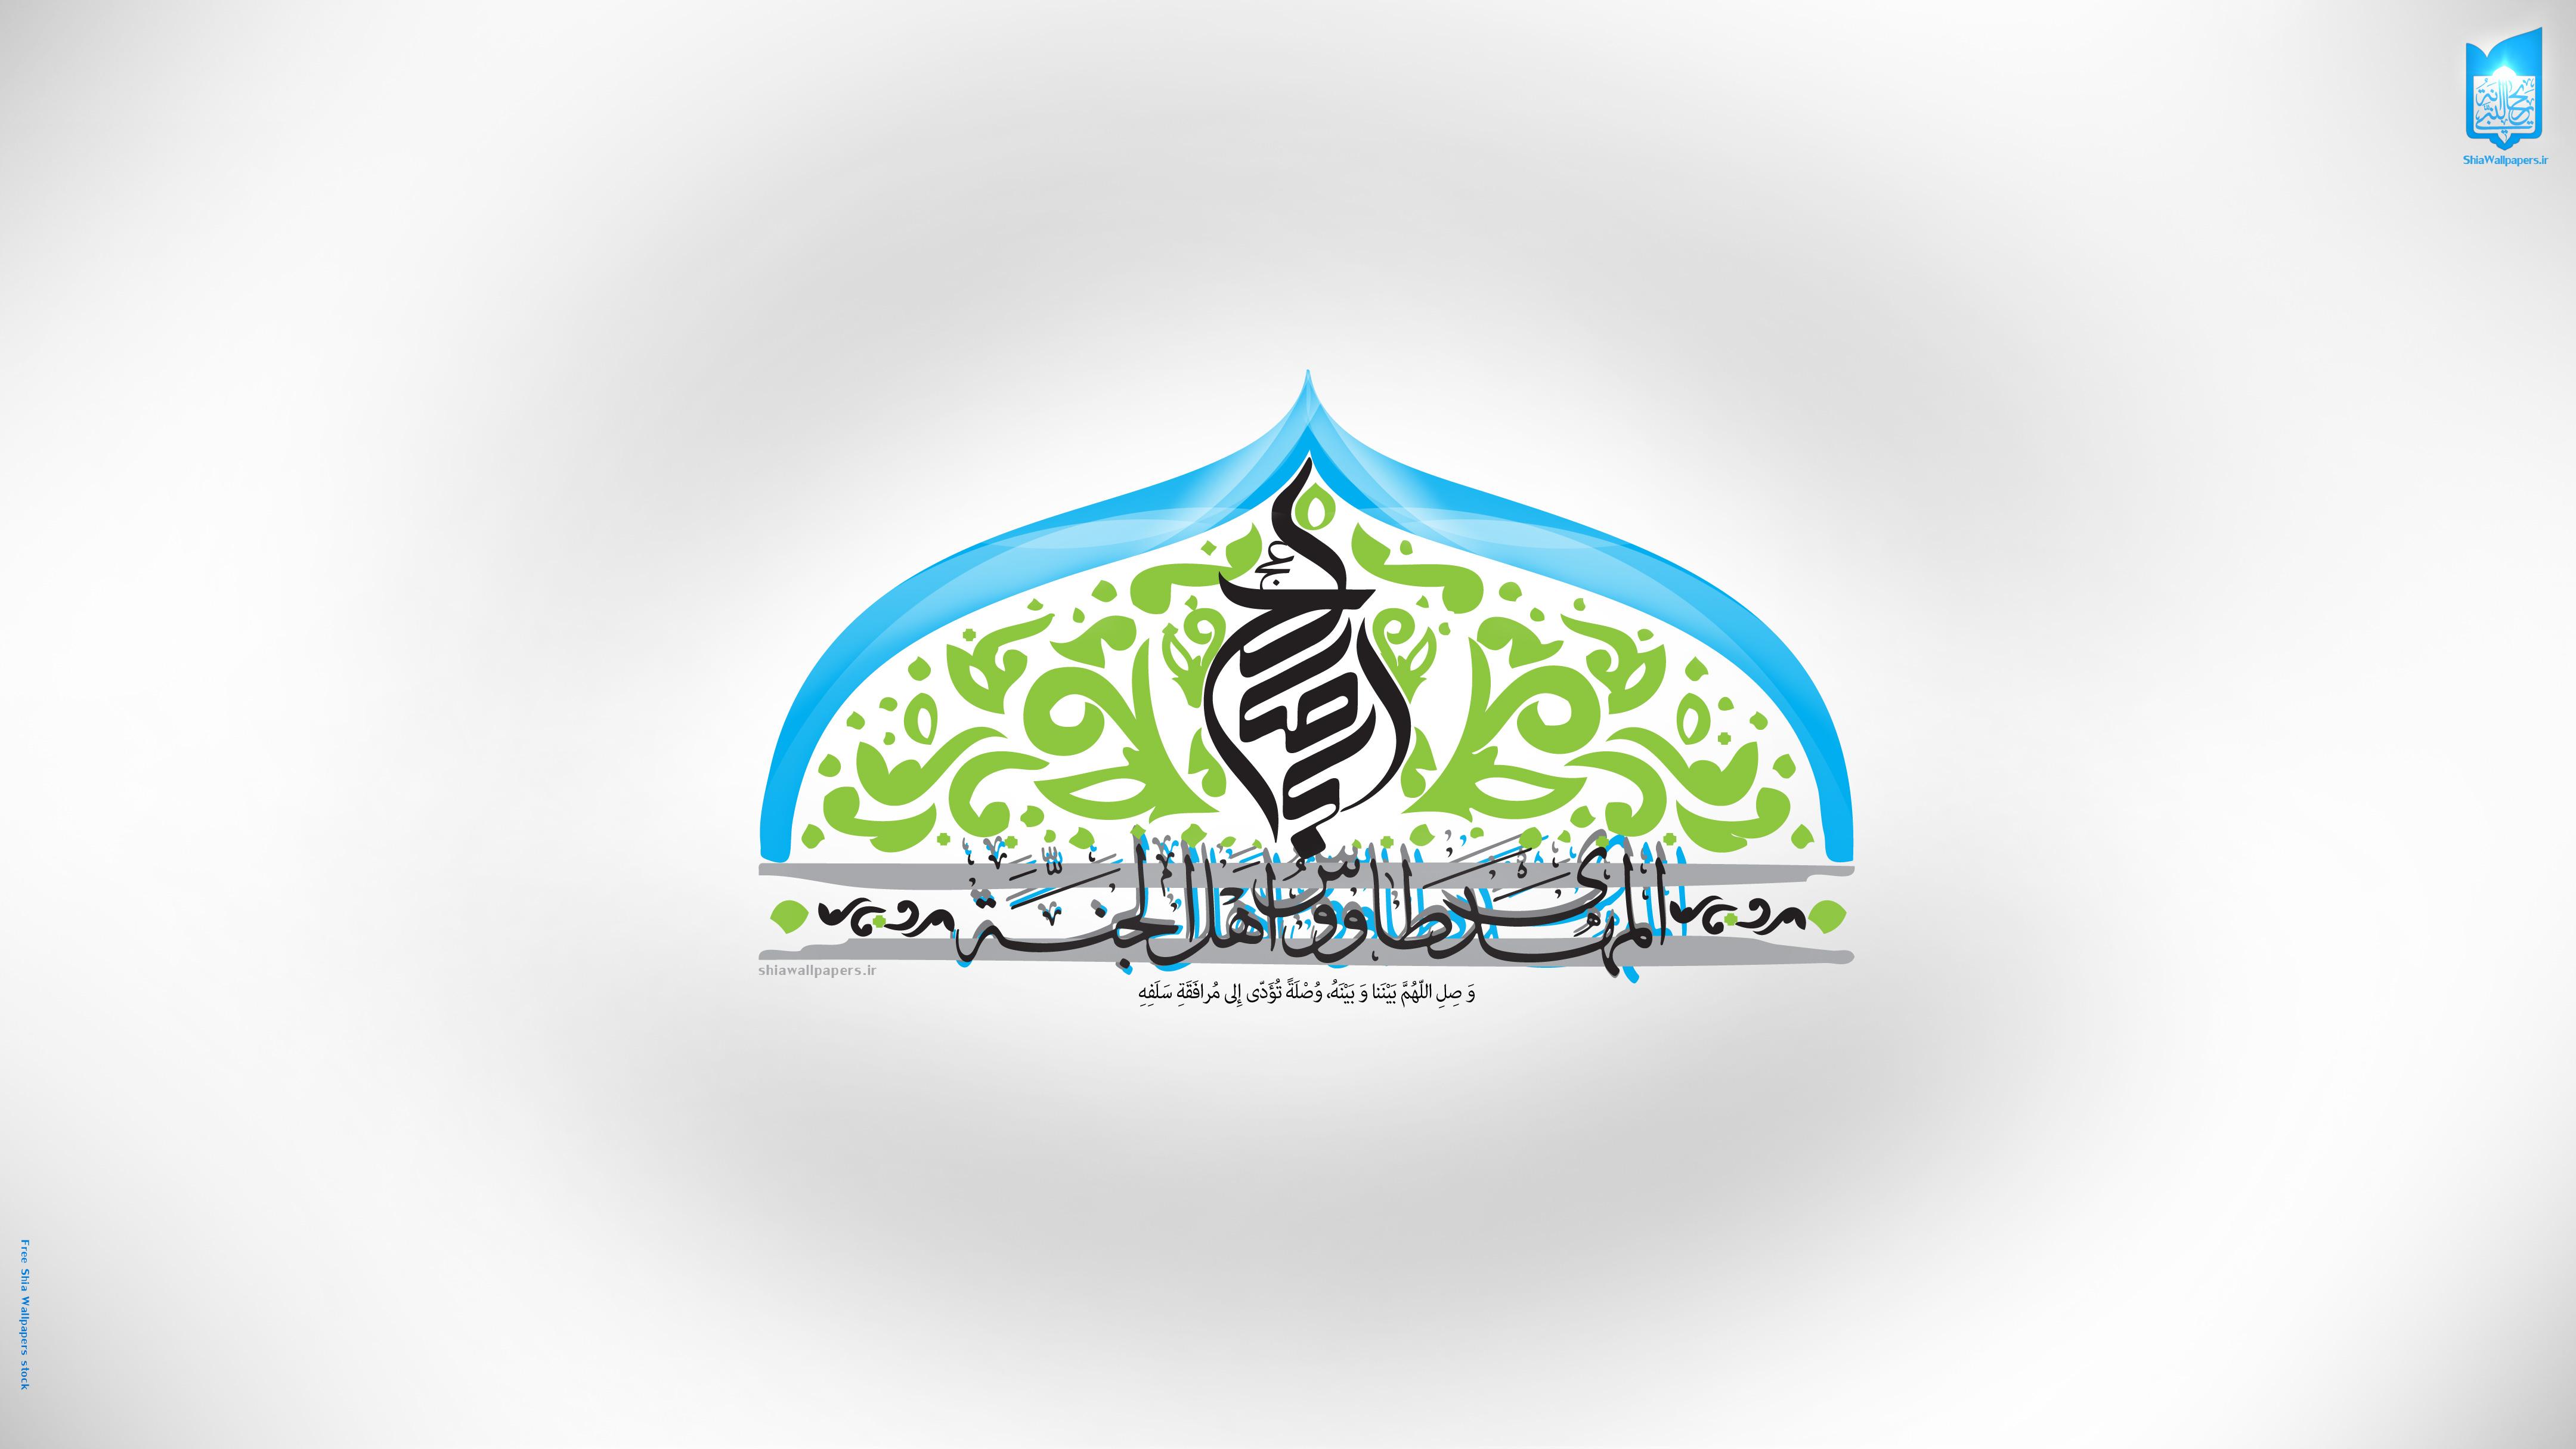 abasaleh__www_shiapics_ir_20120310_1478905402